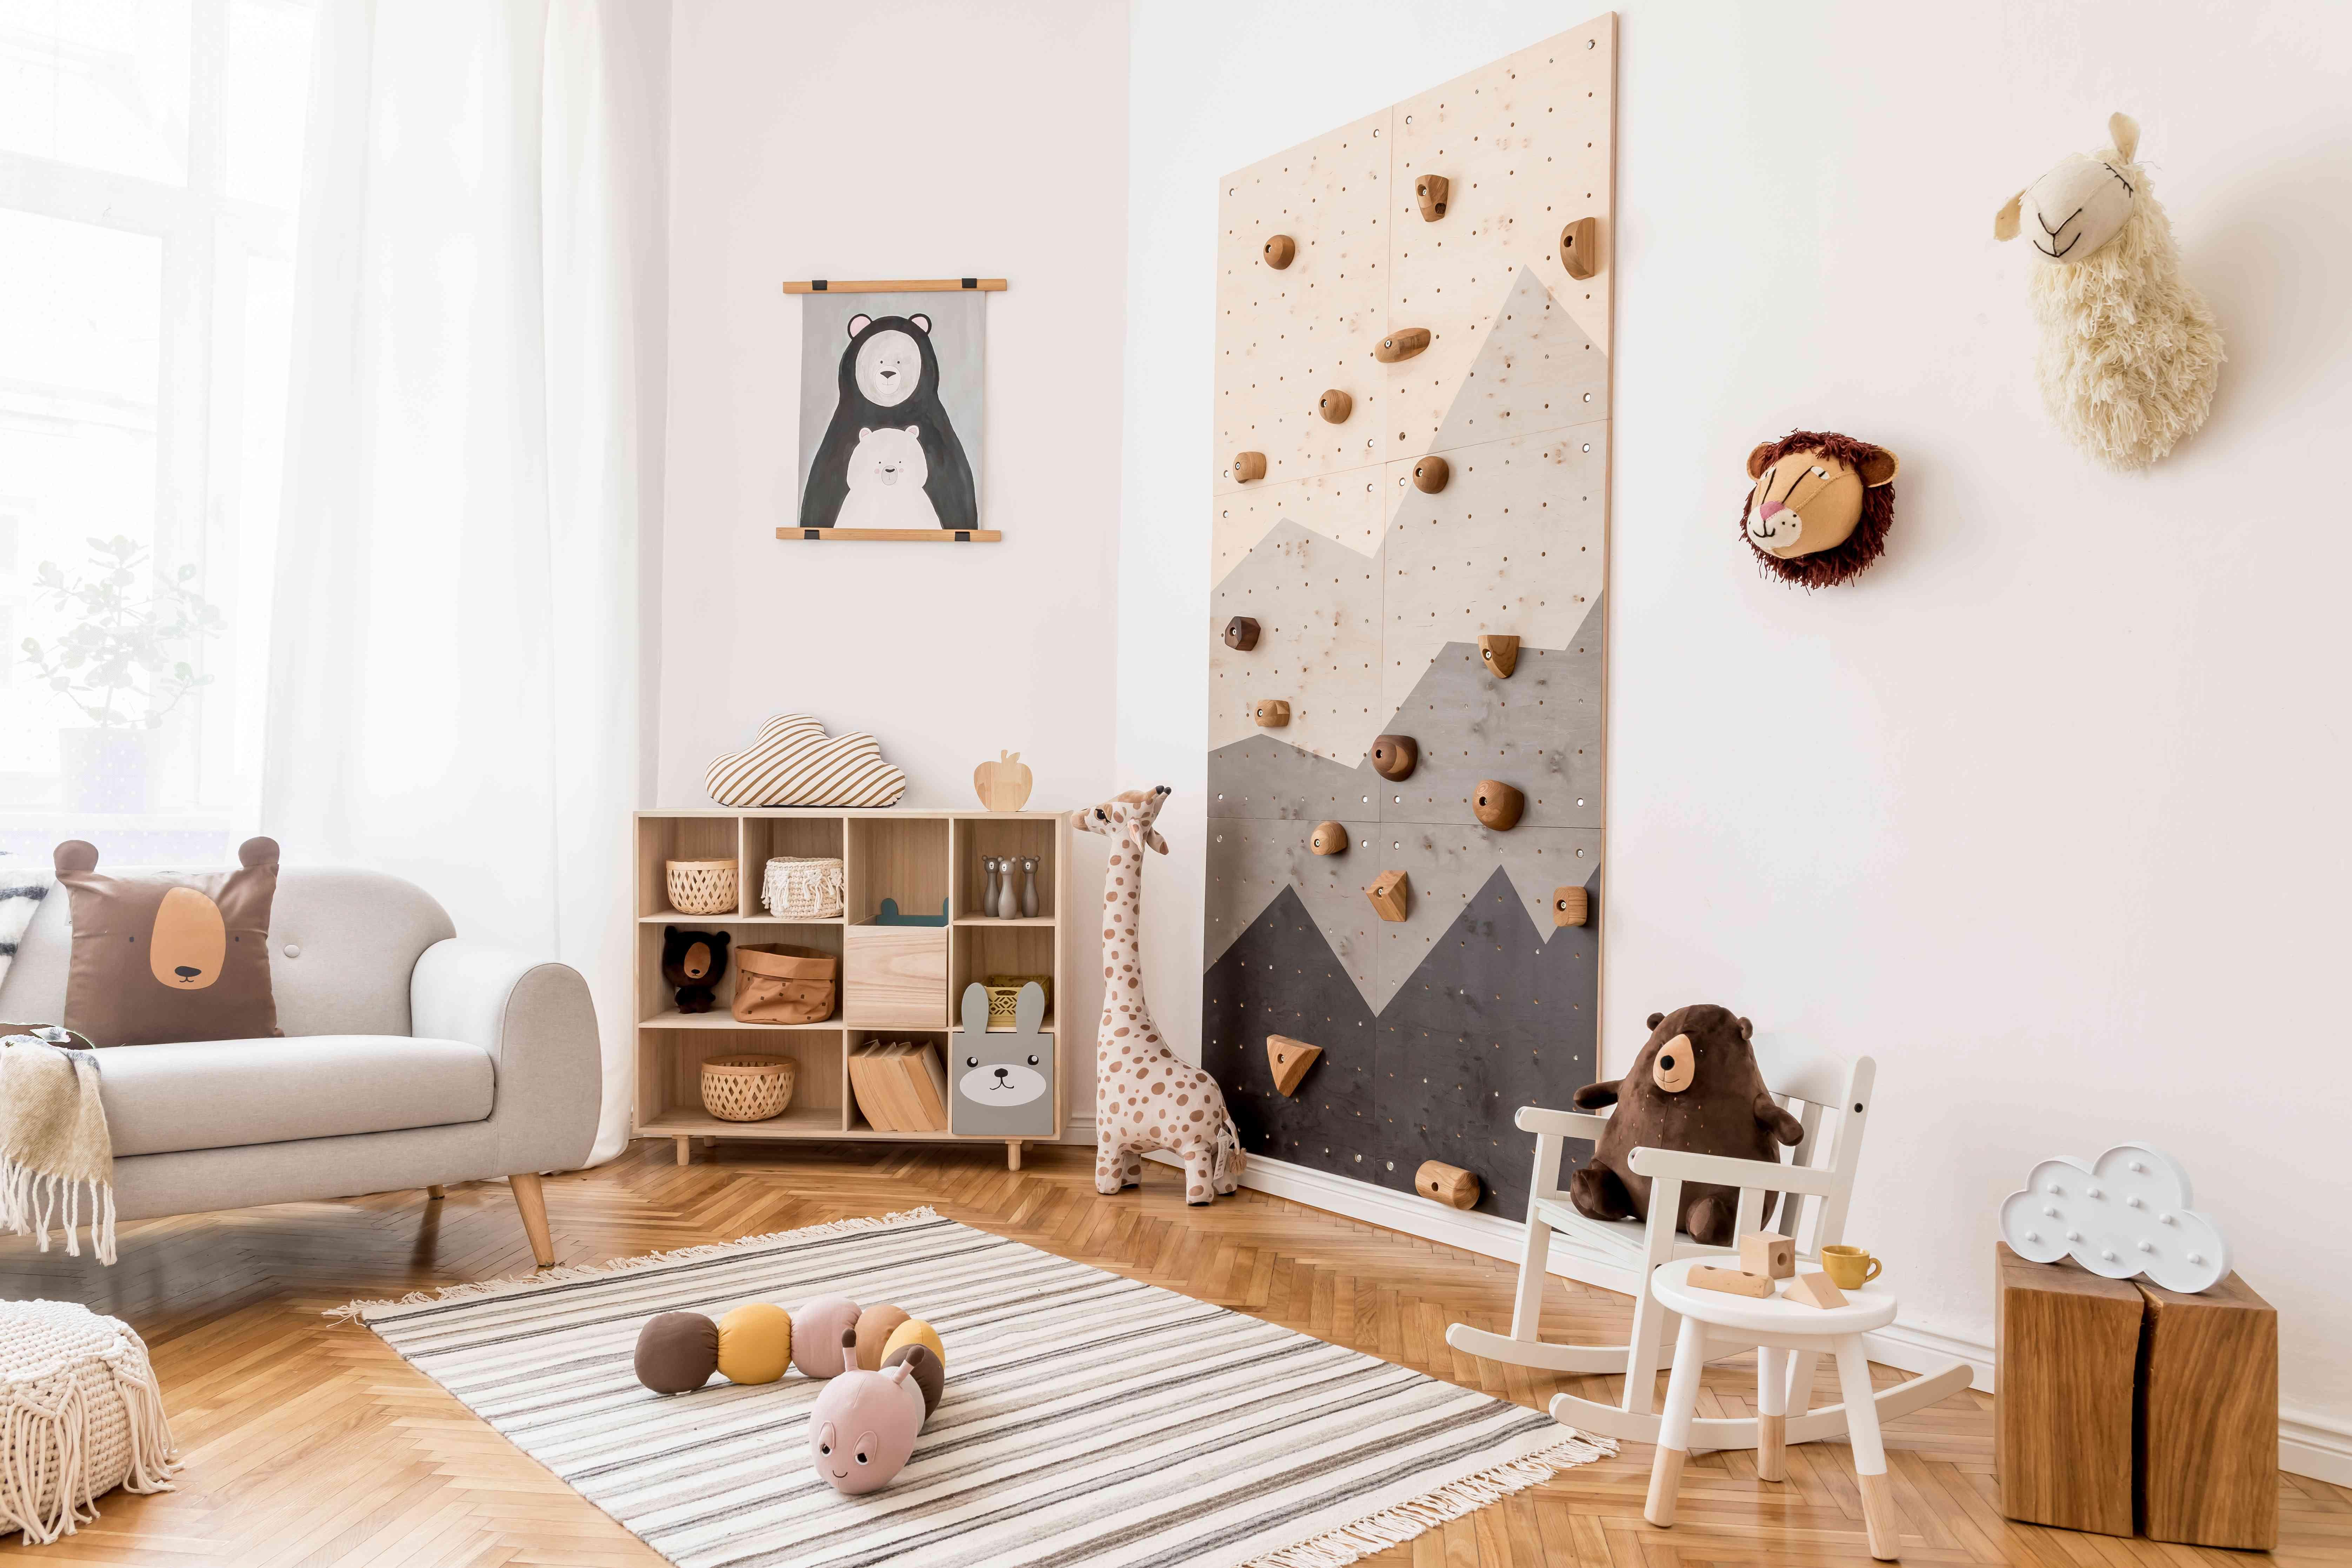 diy wood wall decor.htm 17 adorable diy ideas for your woodland nursery  diy ideas for your woodland nursery